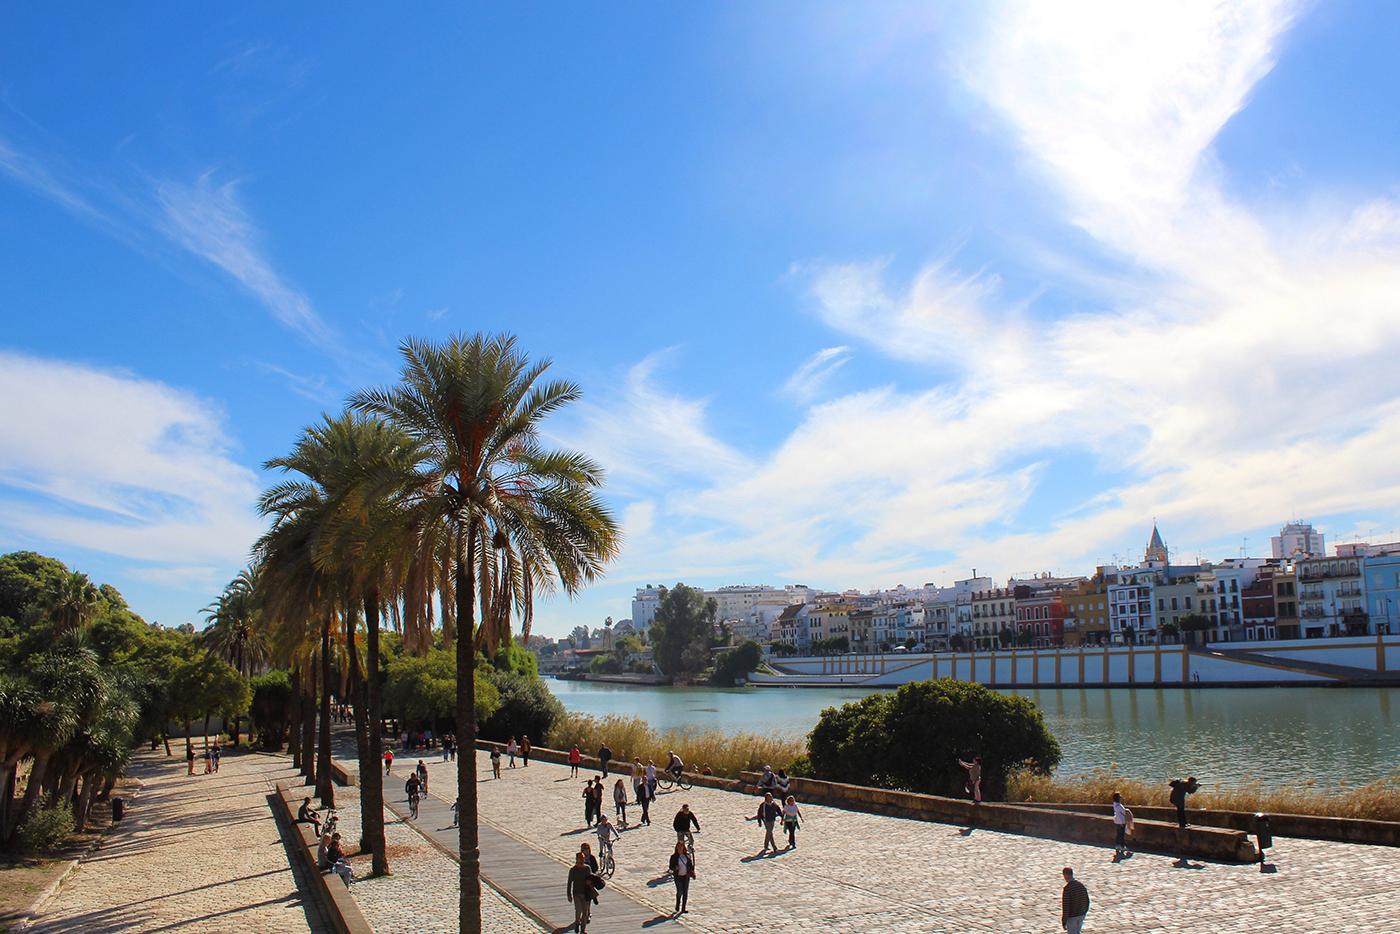 Fietsen in Sevilla - De leukste fietssteden in Europa